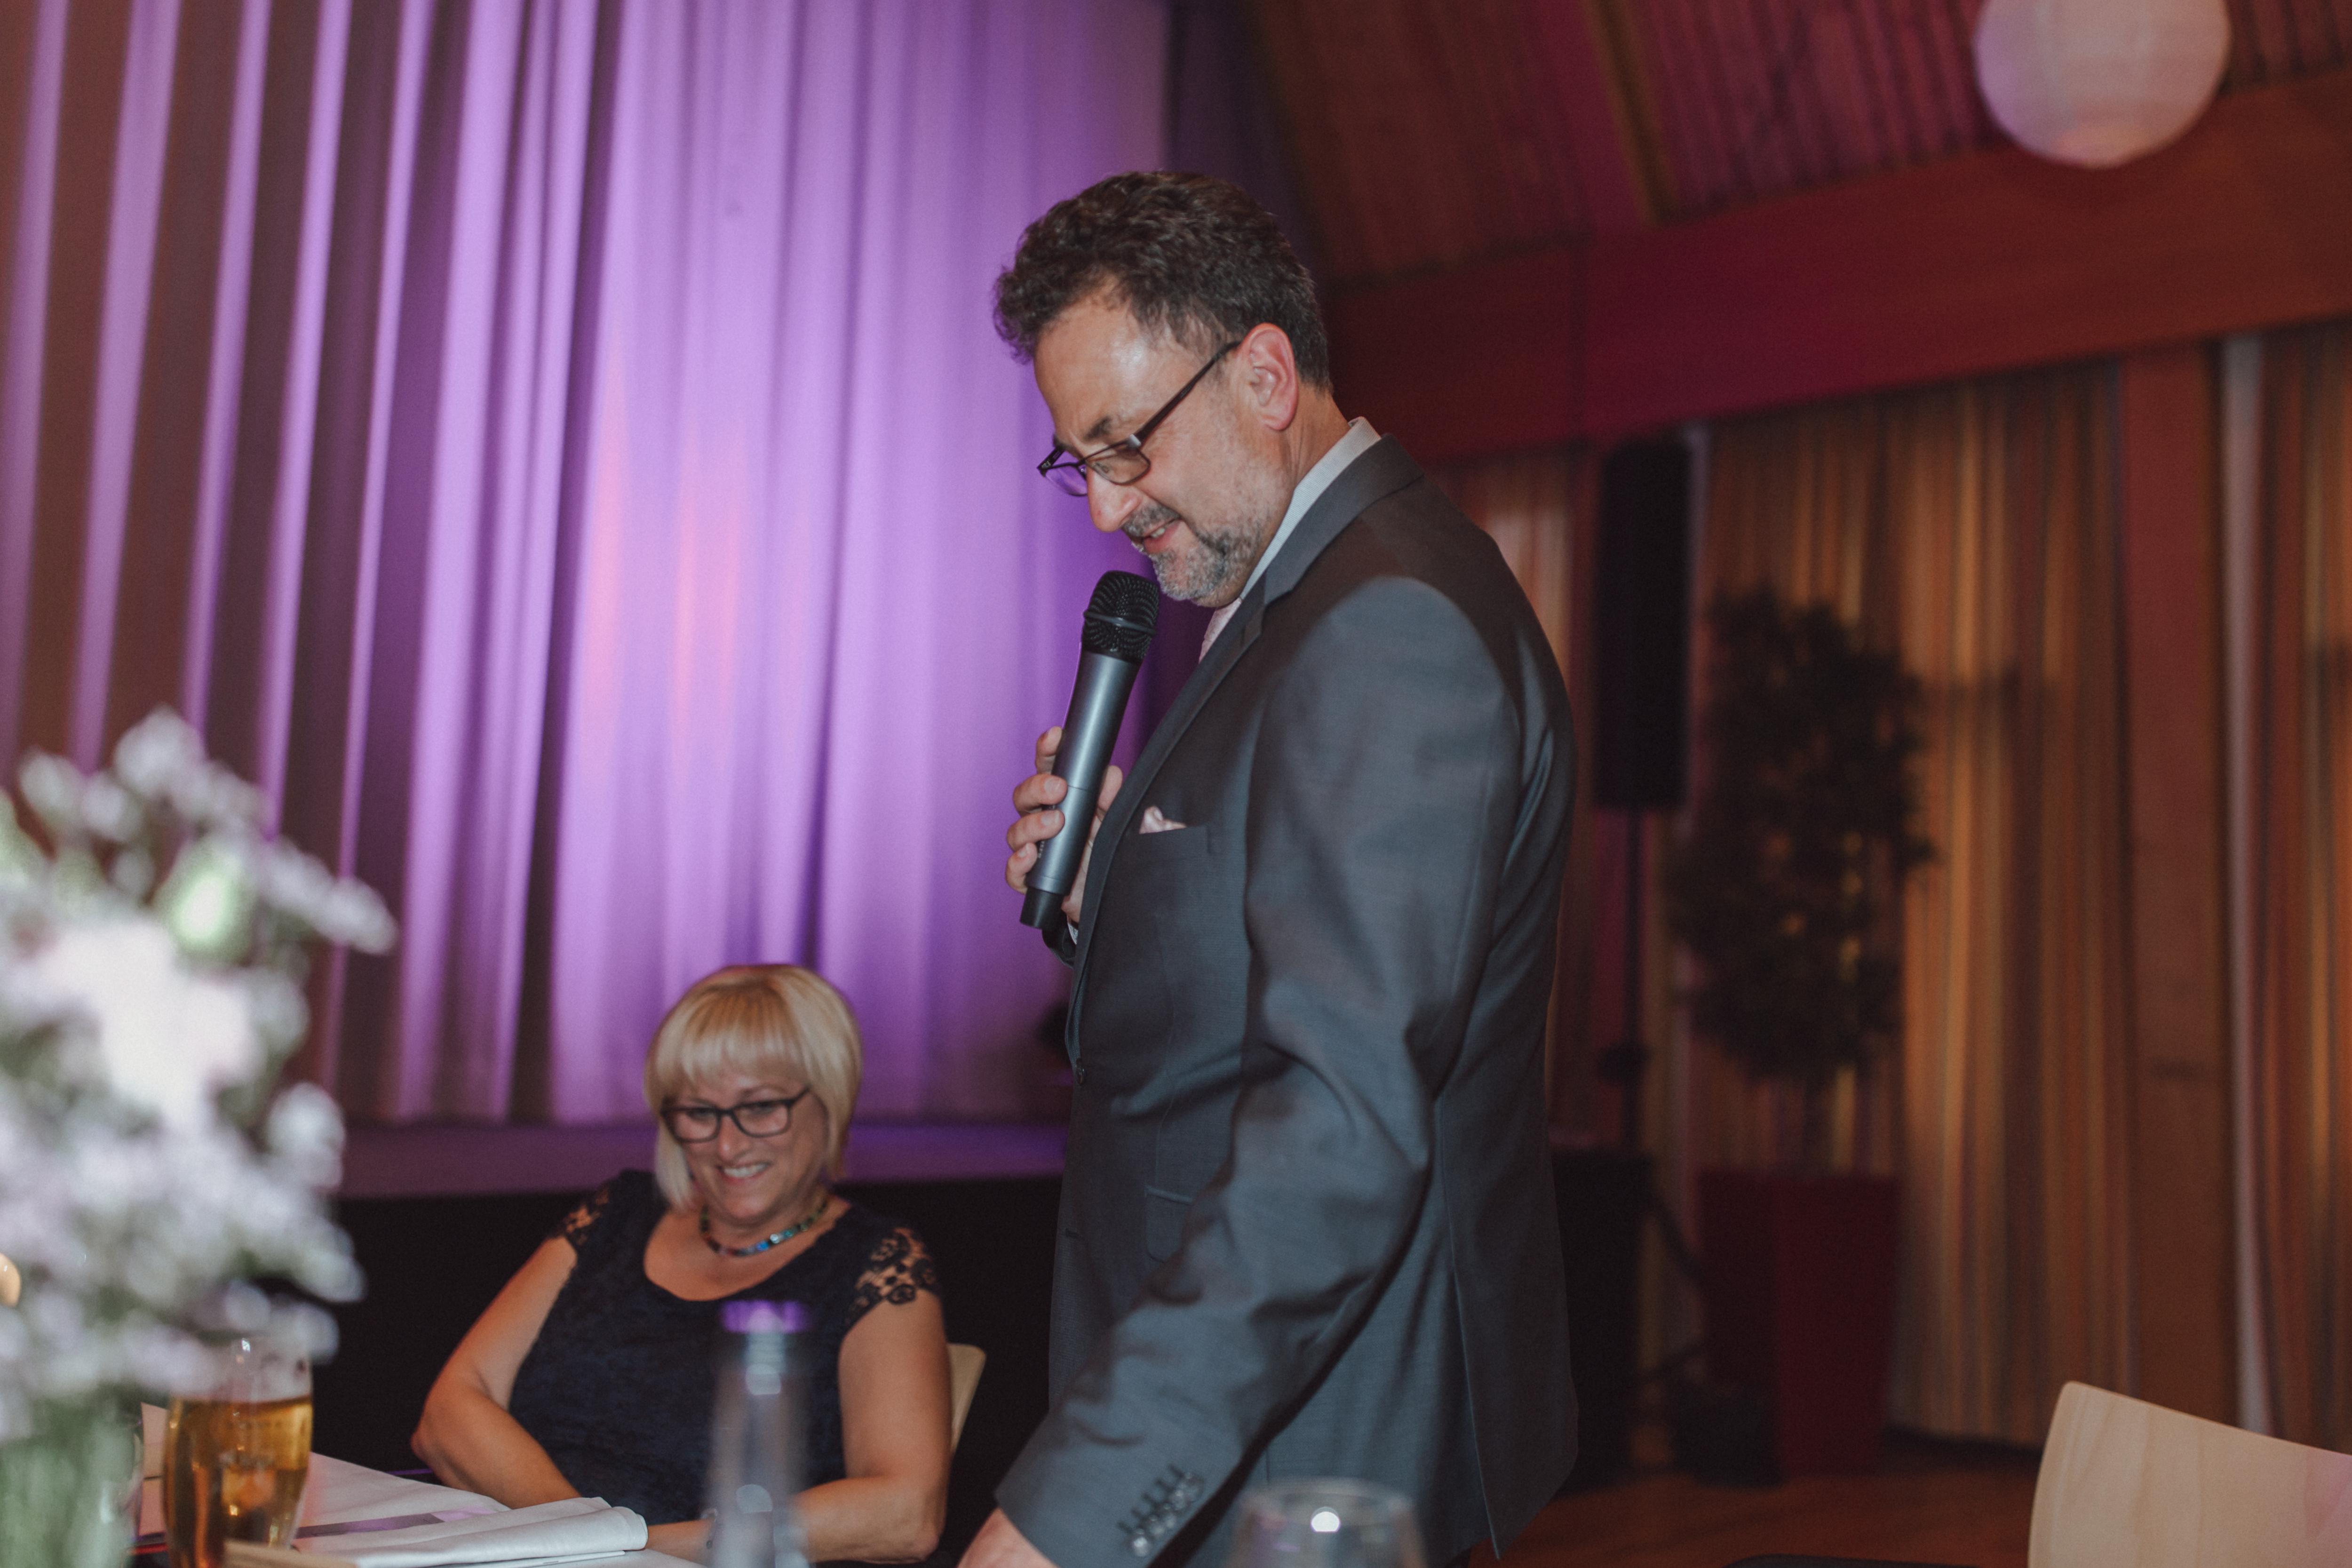 URBANERIE_Daniela_Goth_Hochzeitsfotografin_Nürnberg_Fürth_Erlangen_Schwabach_170715_0981